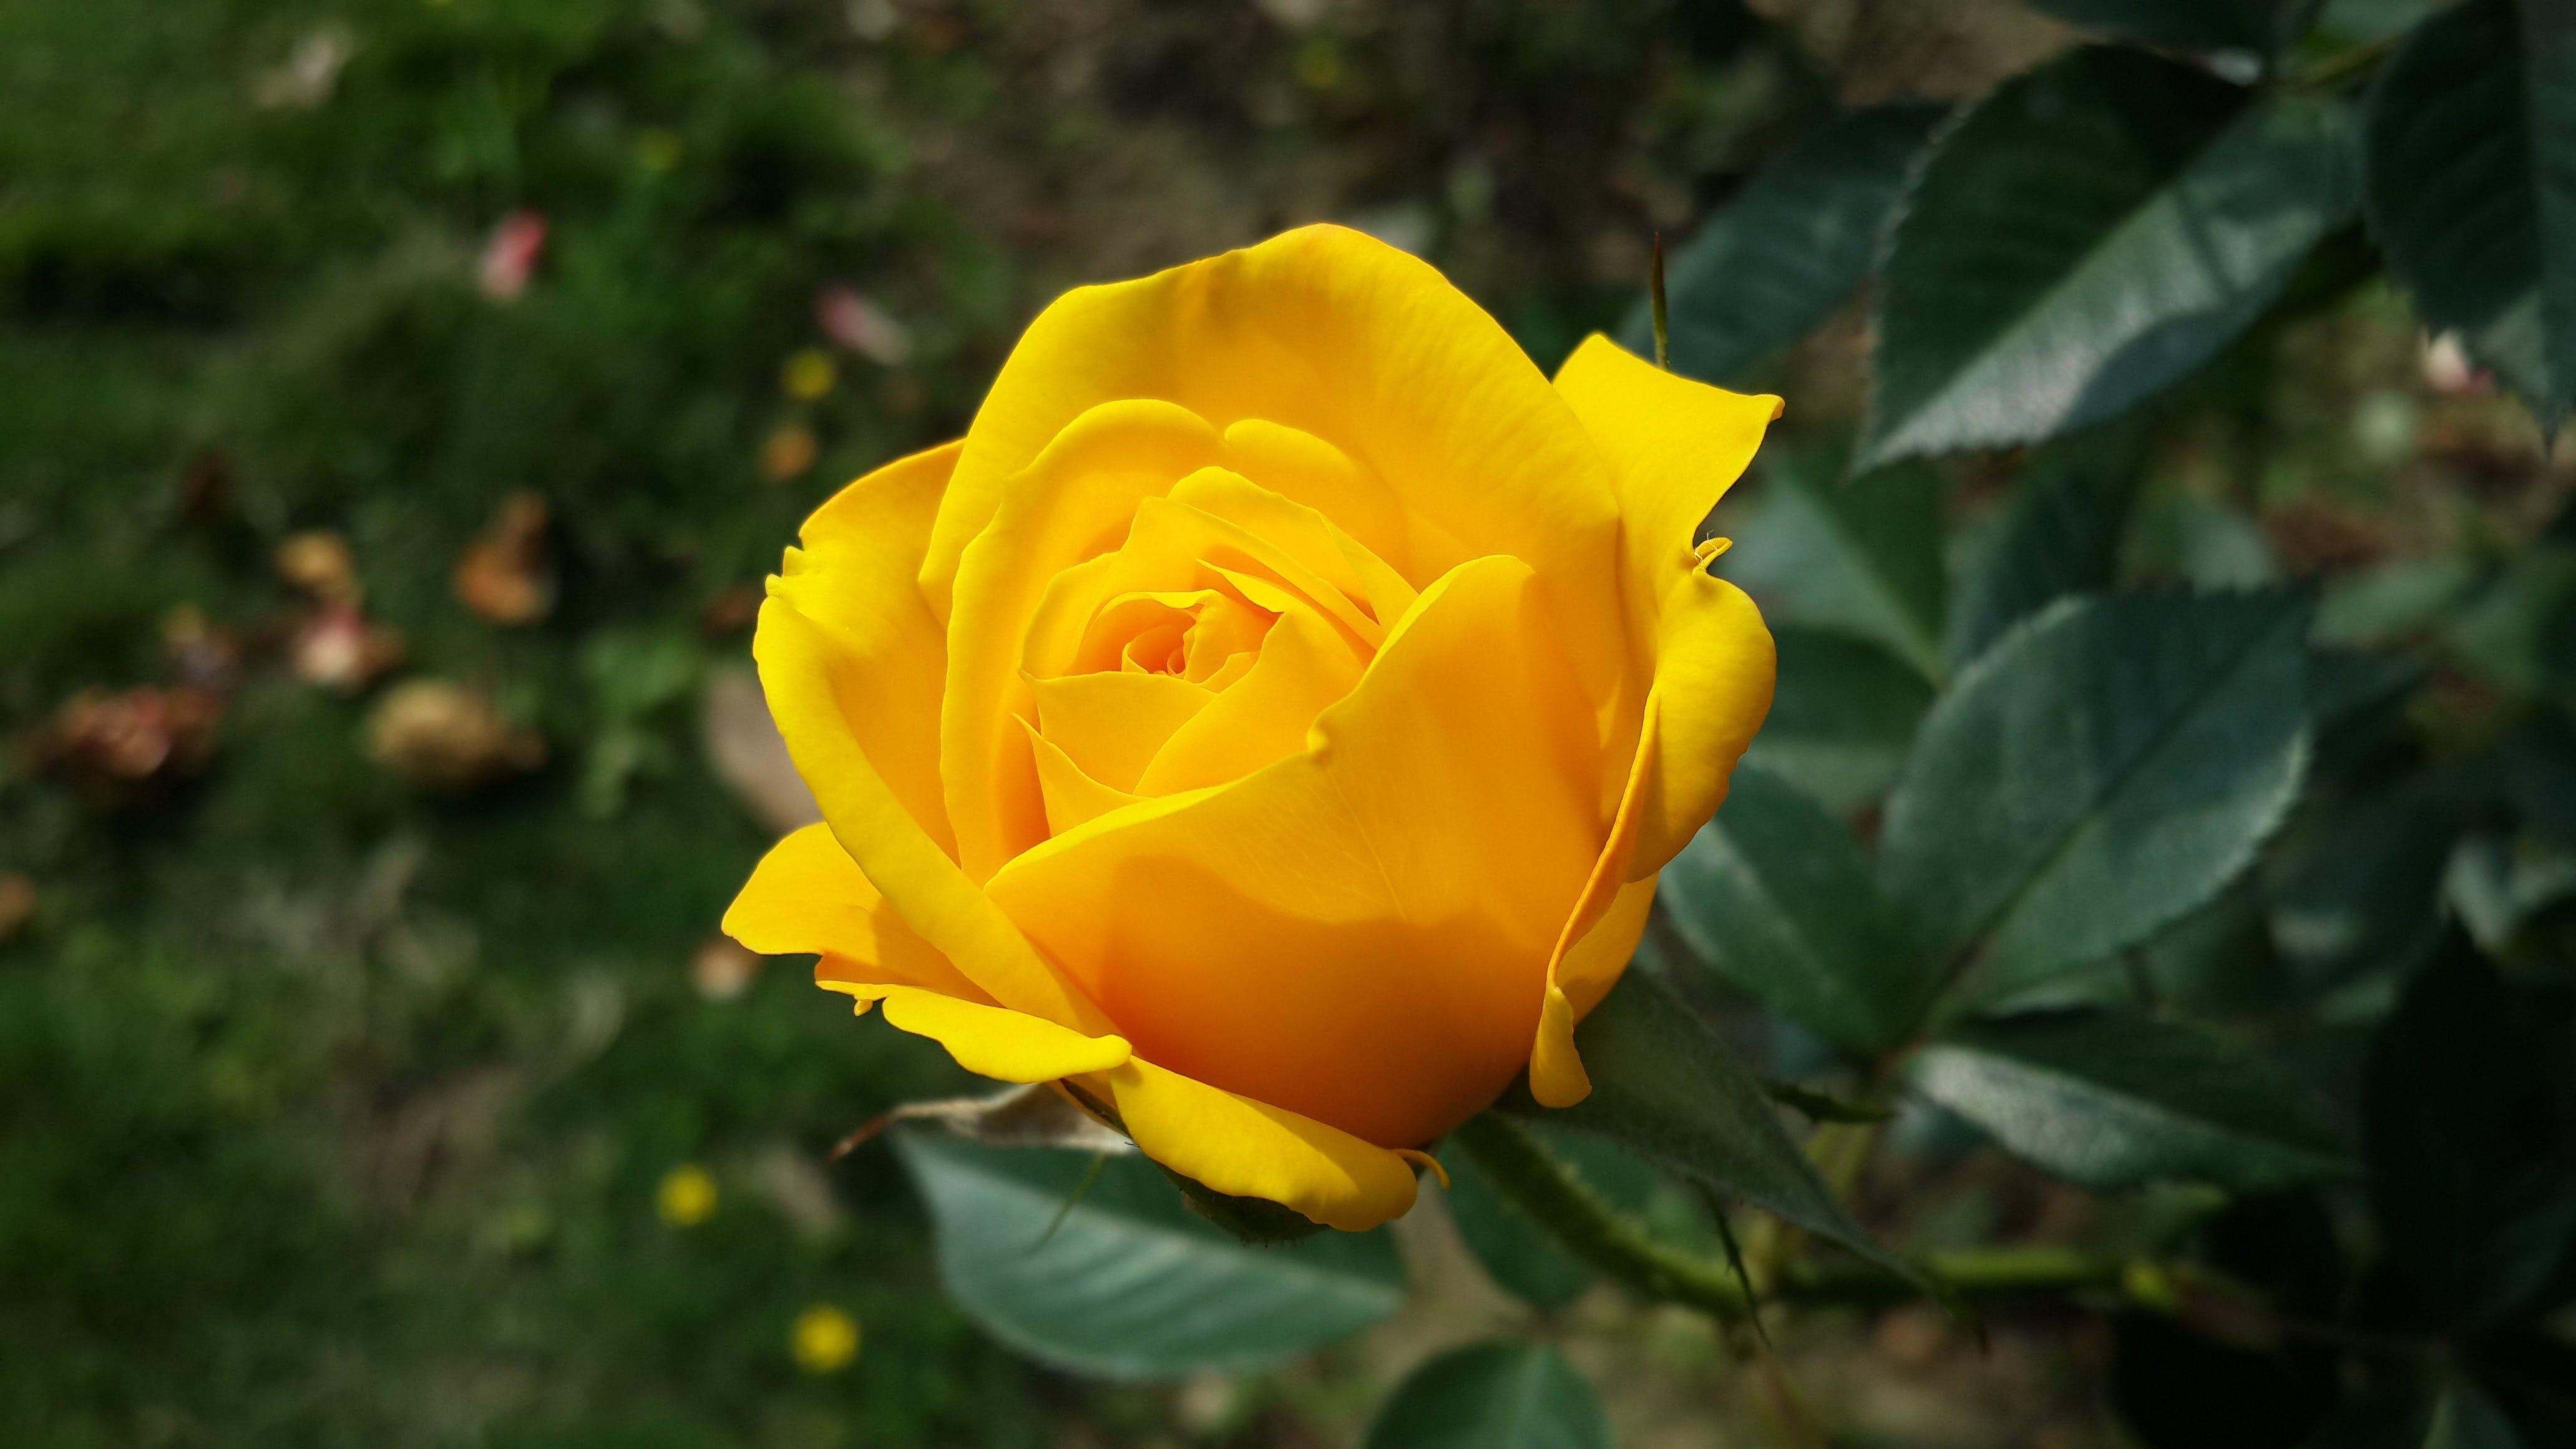 Kostenloses Stock Foto zu sommer, garten, gelb, blütenblätter